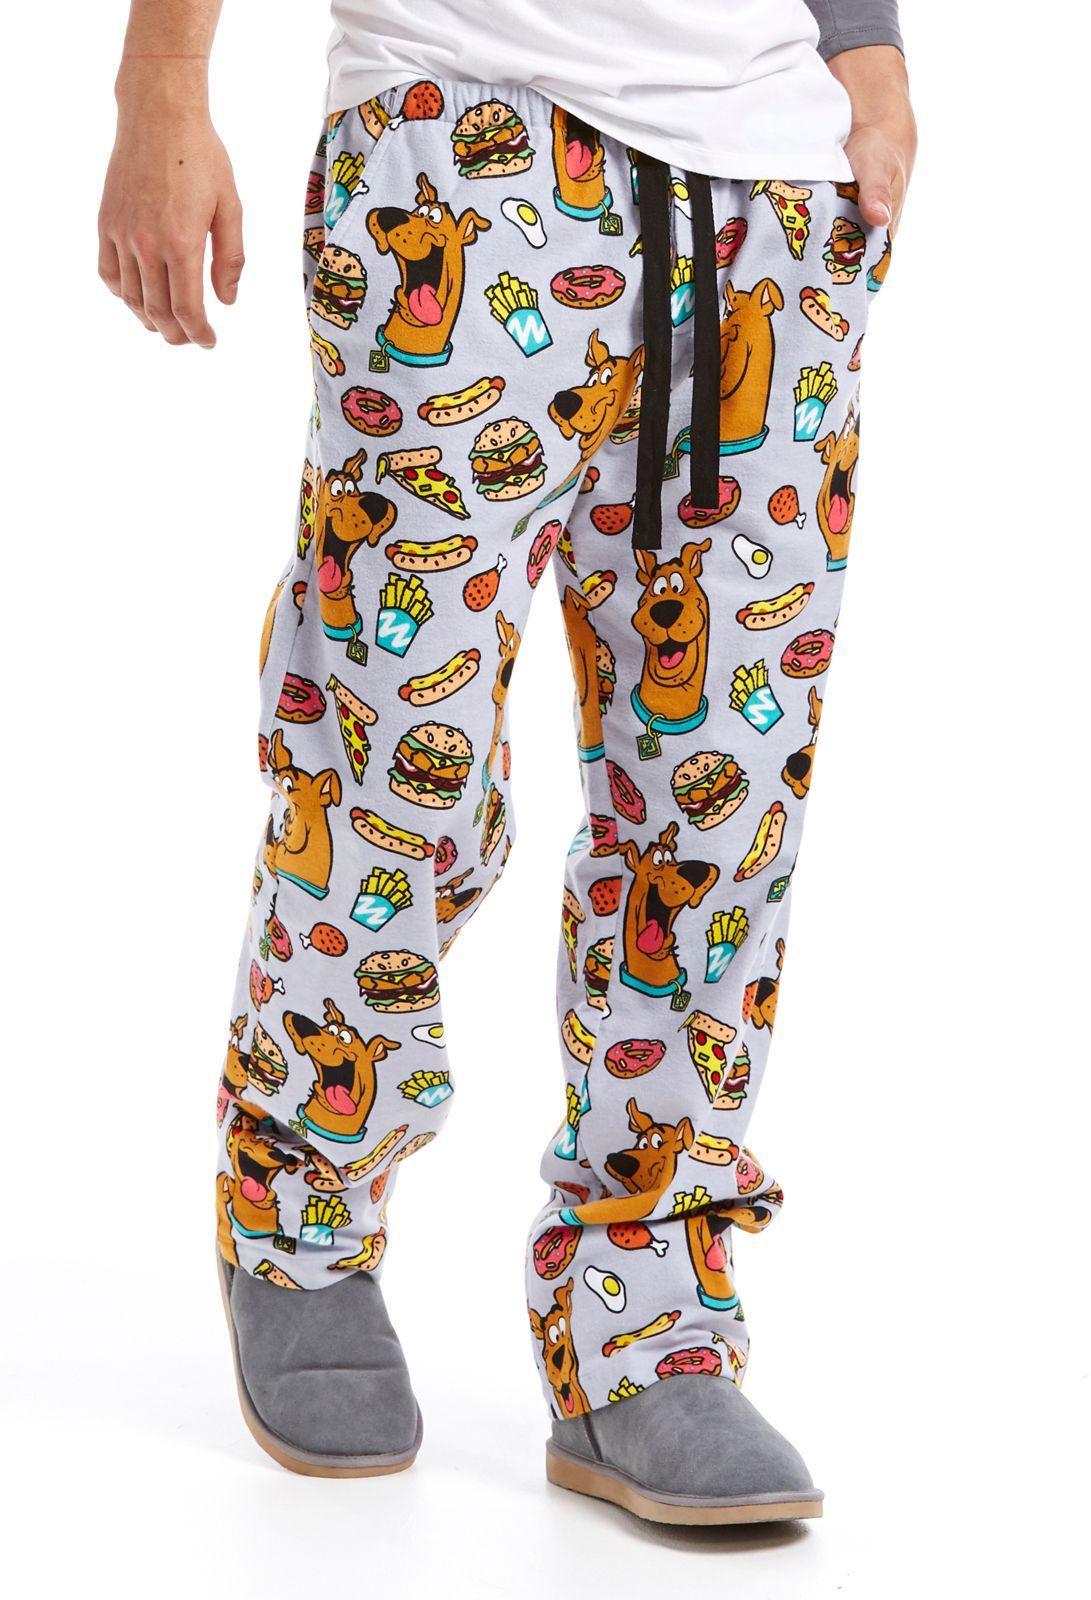 3c969850d7 Mens Scooby Doo Classic Flannelette Pj Pant